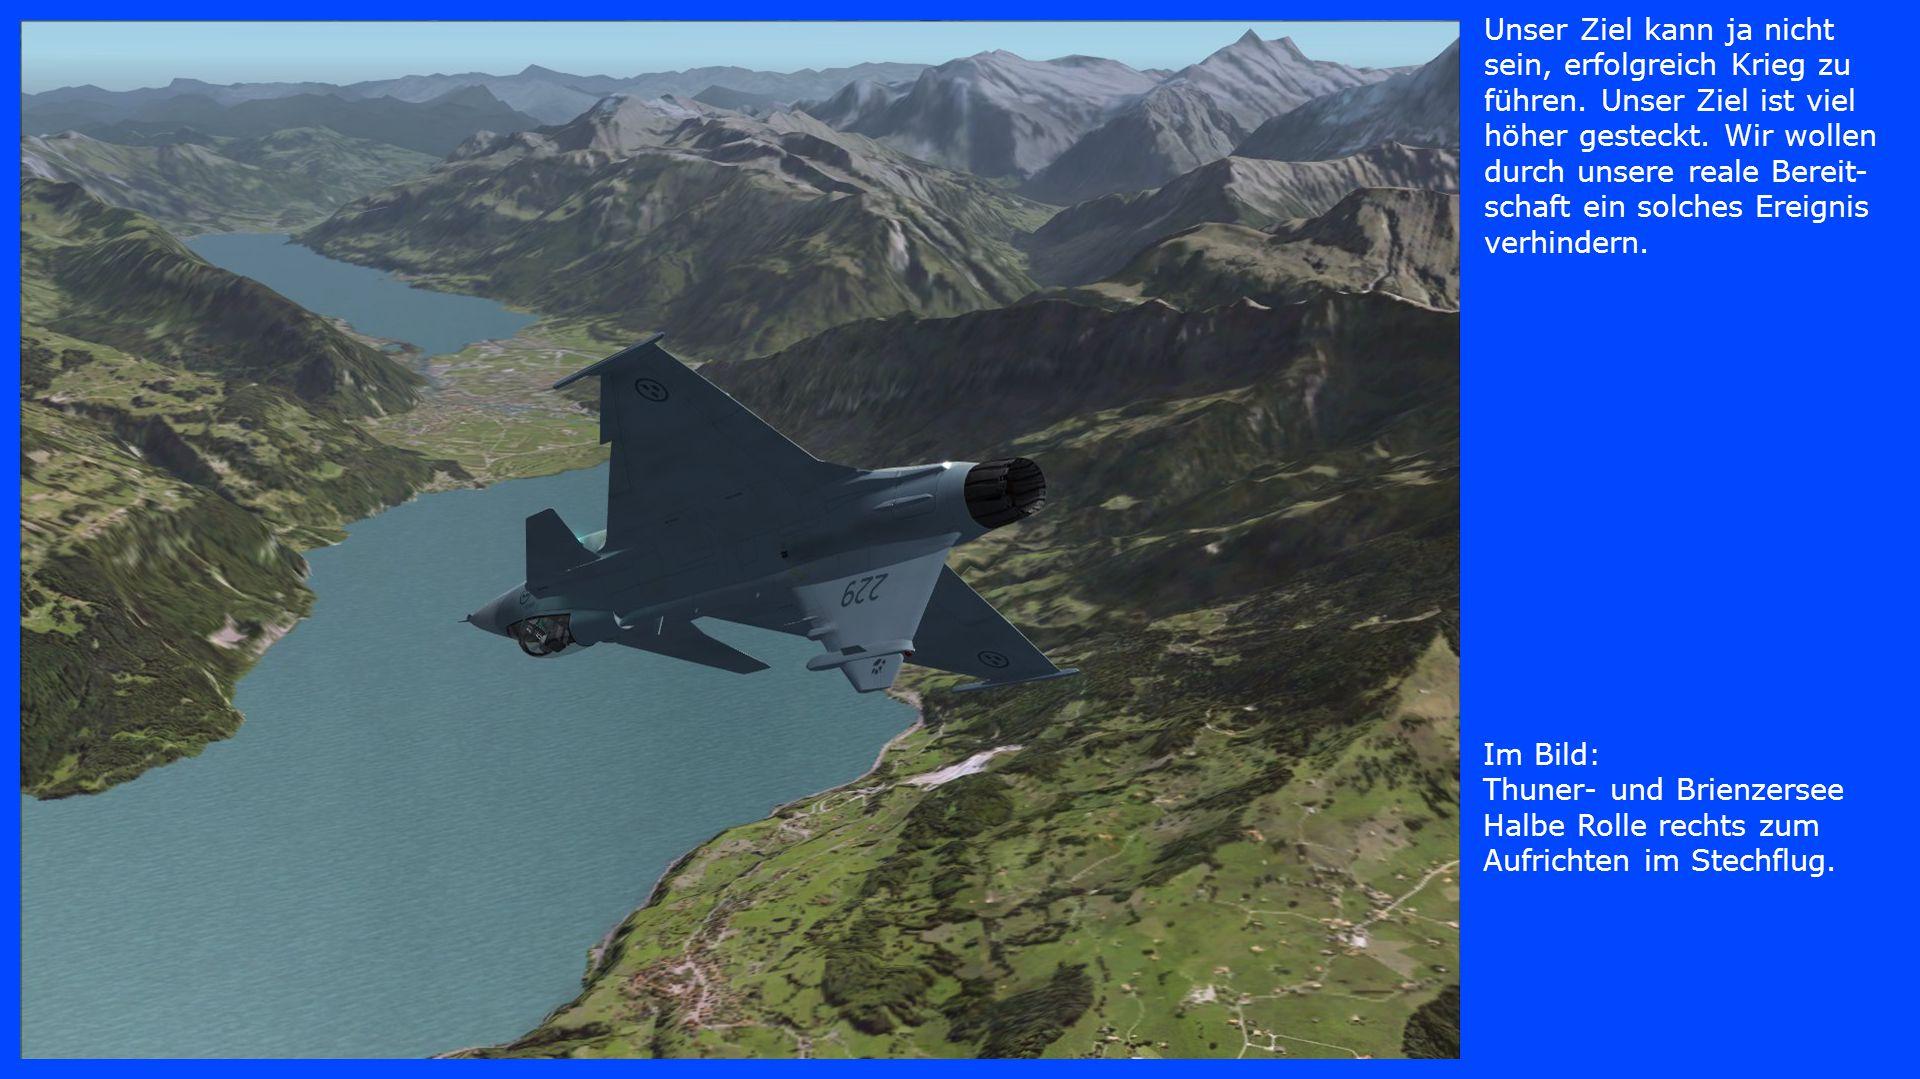 Im Bild: Thuner- und Brienzersee Halbe Rolle rechts zum Aufrichten im Stechflug. Unser Ziel kann ja nicht sein, erfolgreich Krieg zu führen. Unser Zie